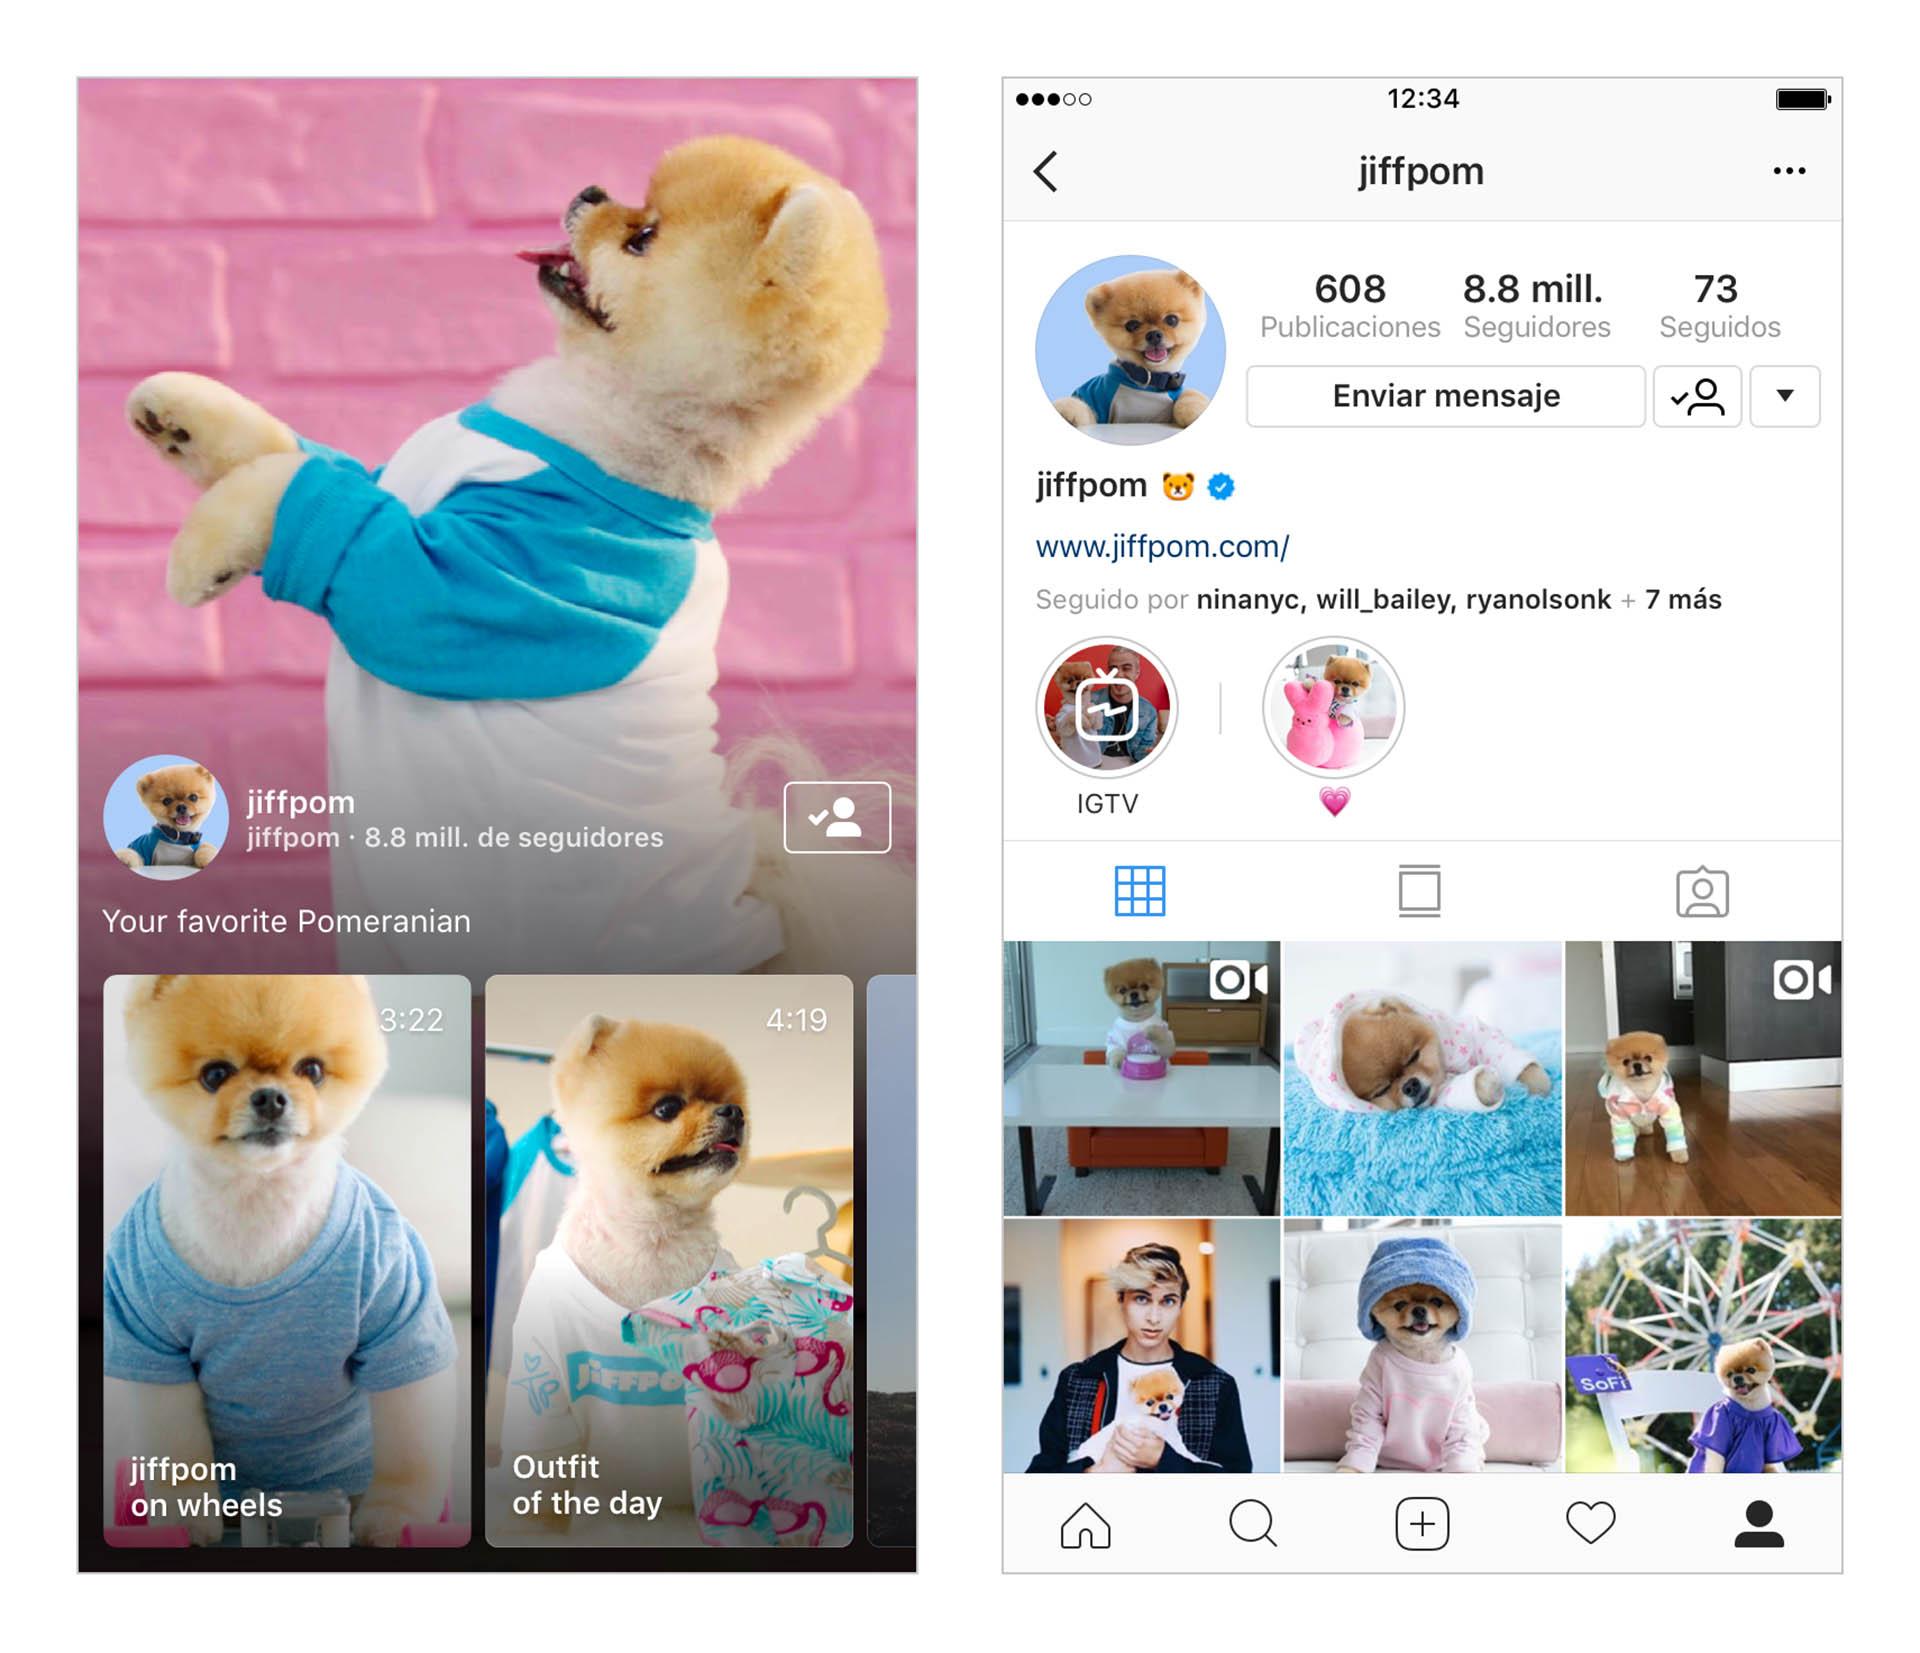 Como Funciona Igtv La Nueva App De Instagram Para Publicar Videos